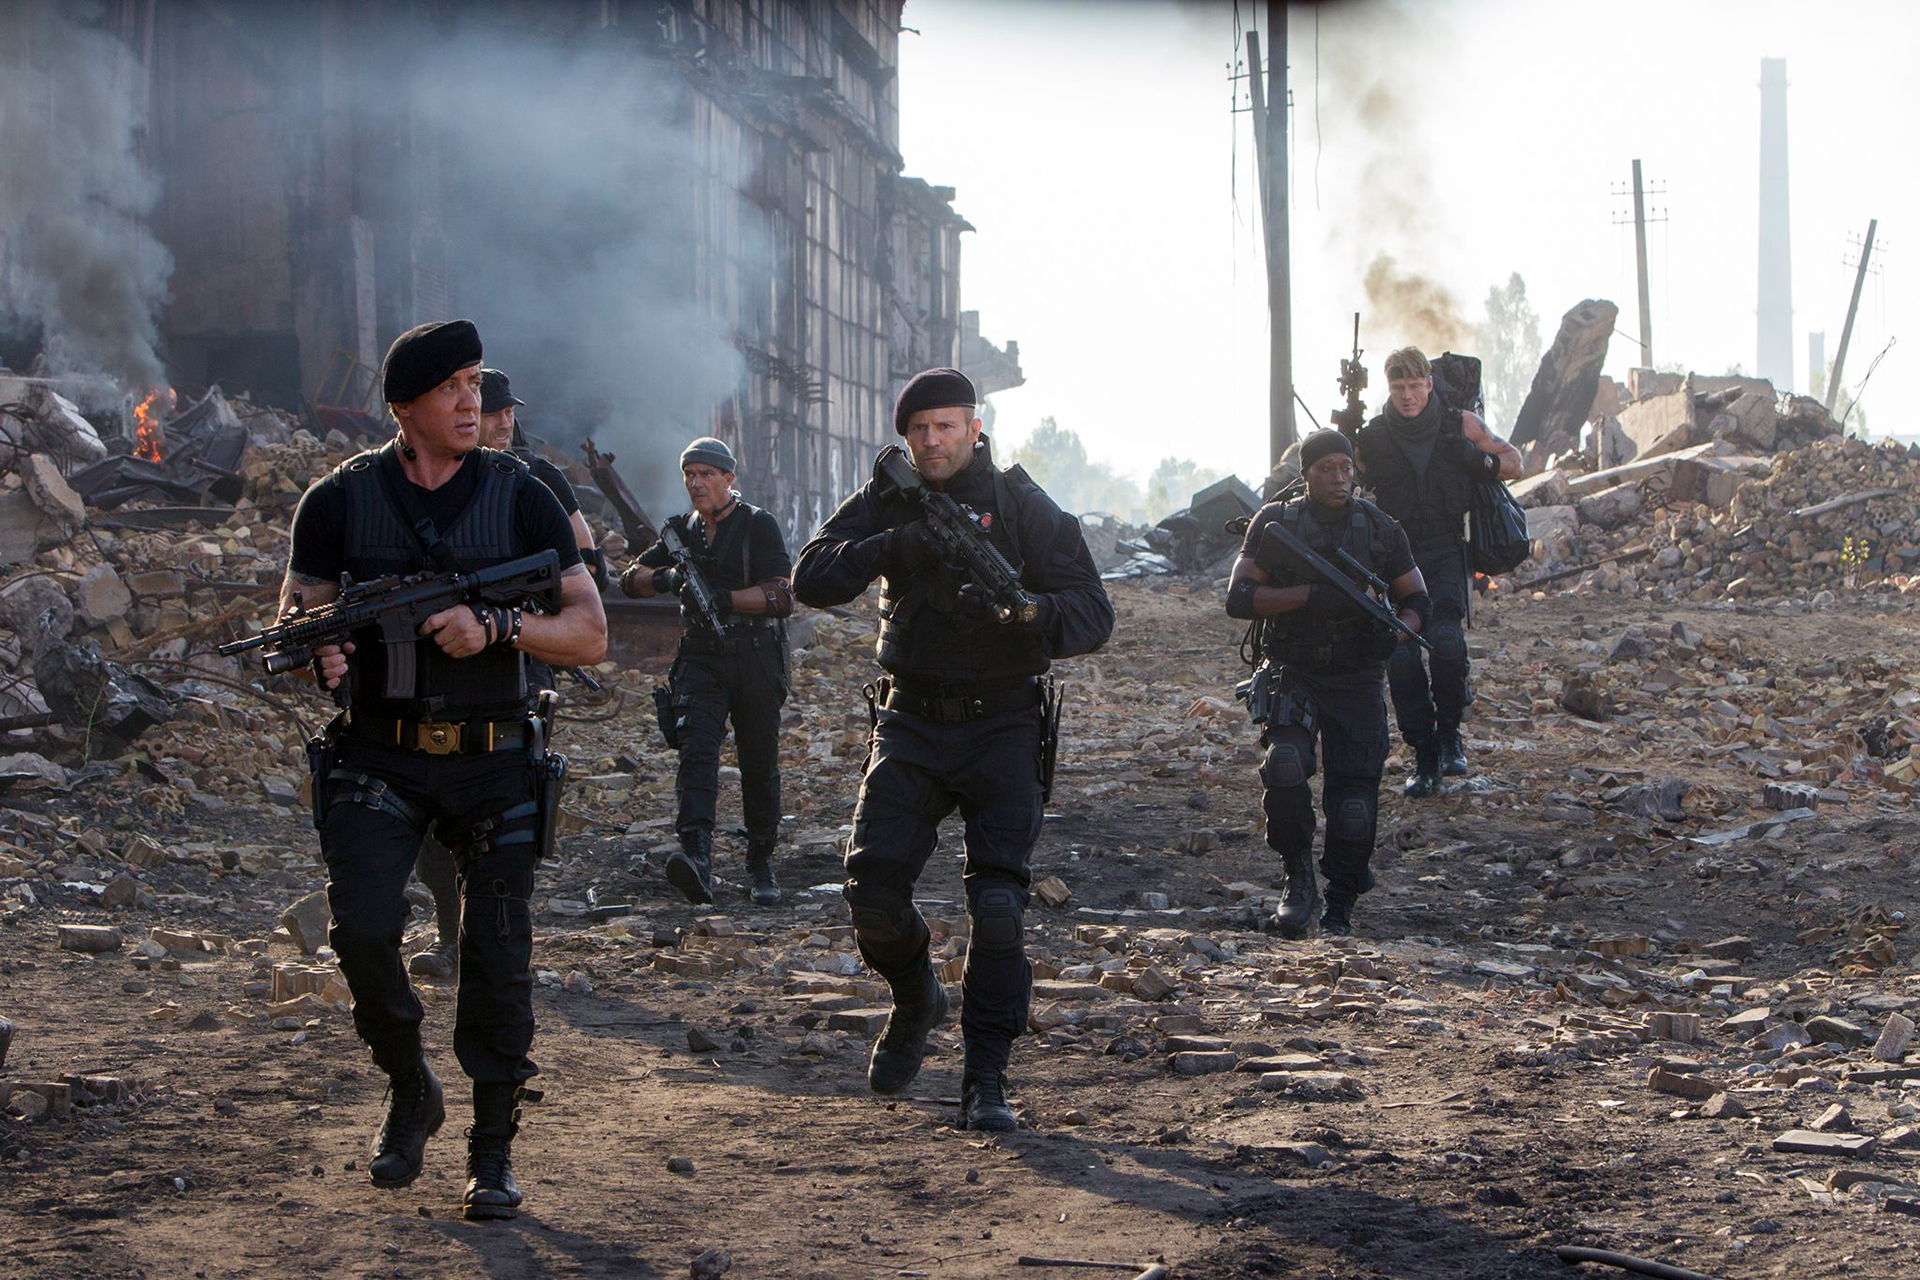 Цвета, смотреть фильм открытка боевик